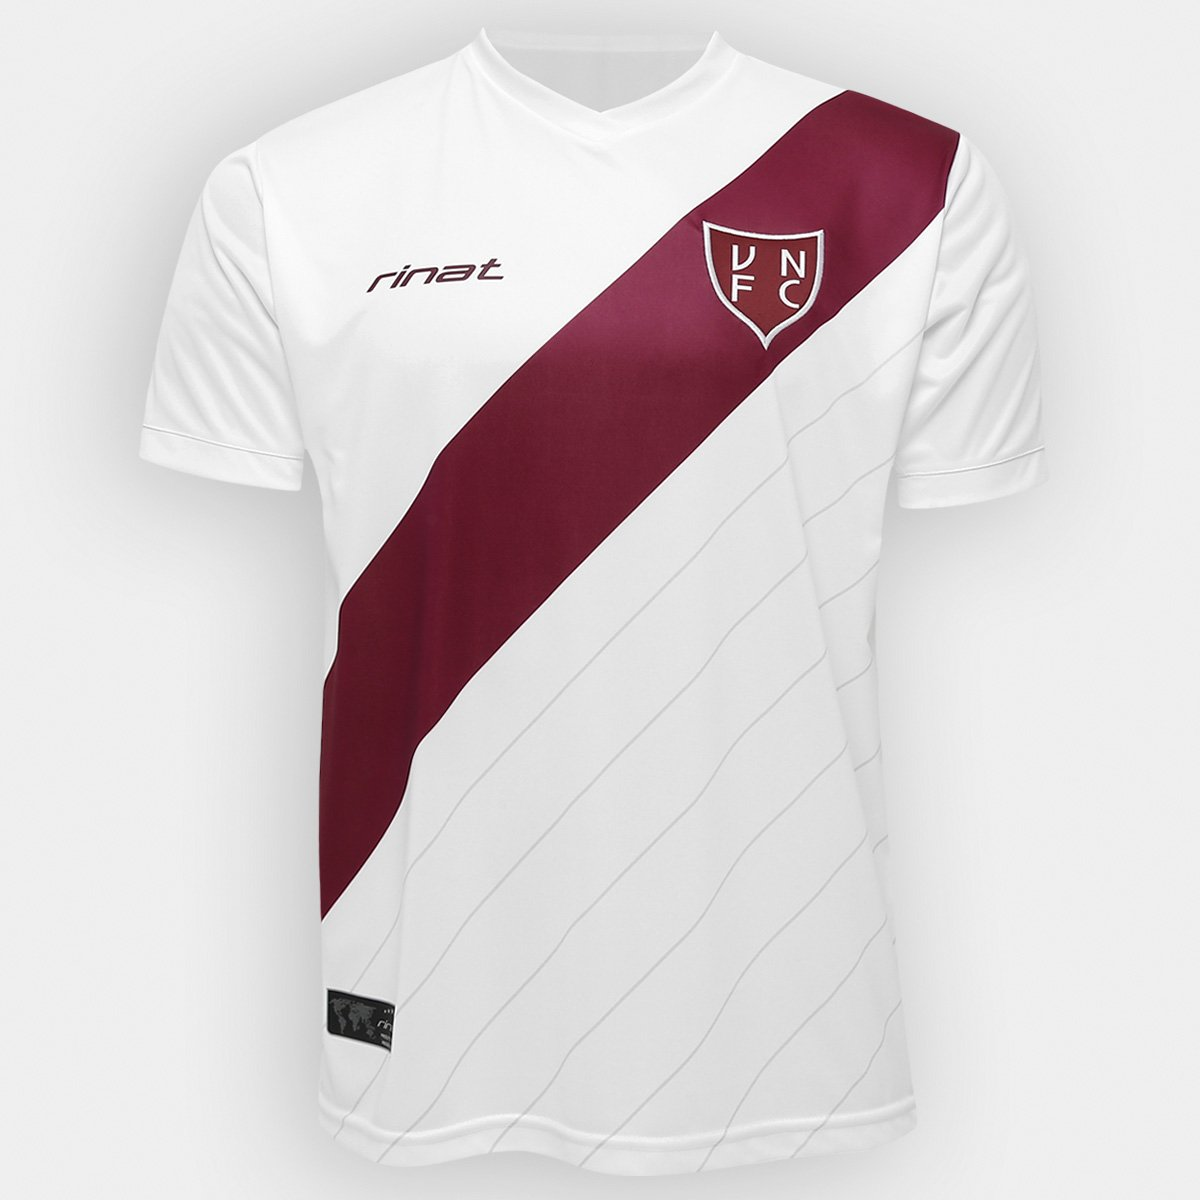 Camisa Vila Nova III 2016 s nº - Torcedor Rinat Masculina - Compre Agora  5302c05f248af